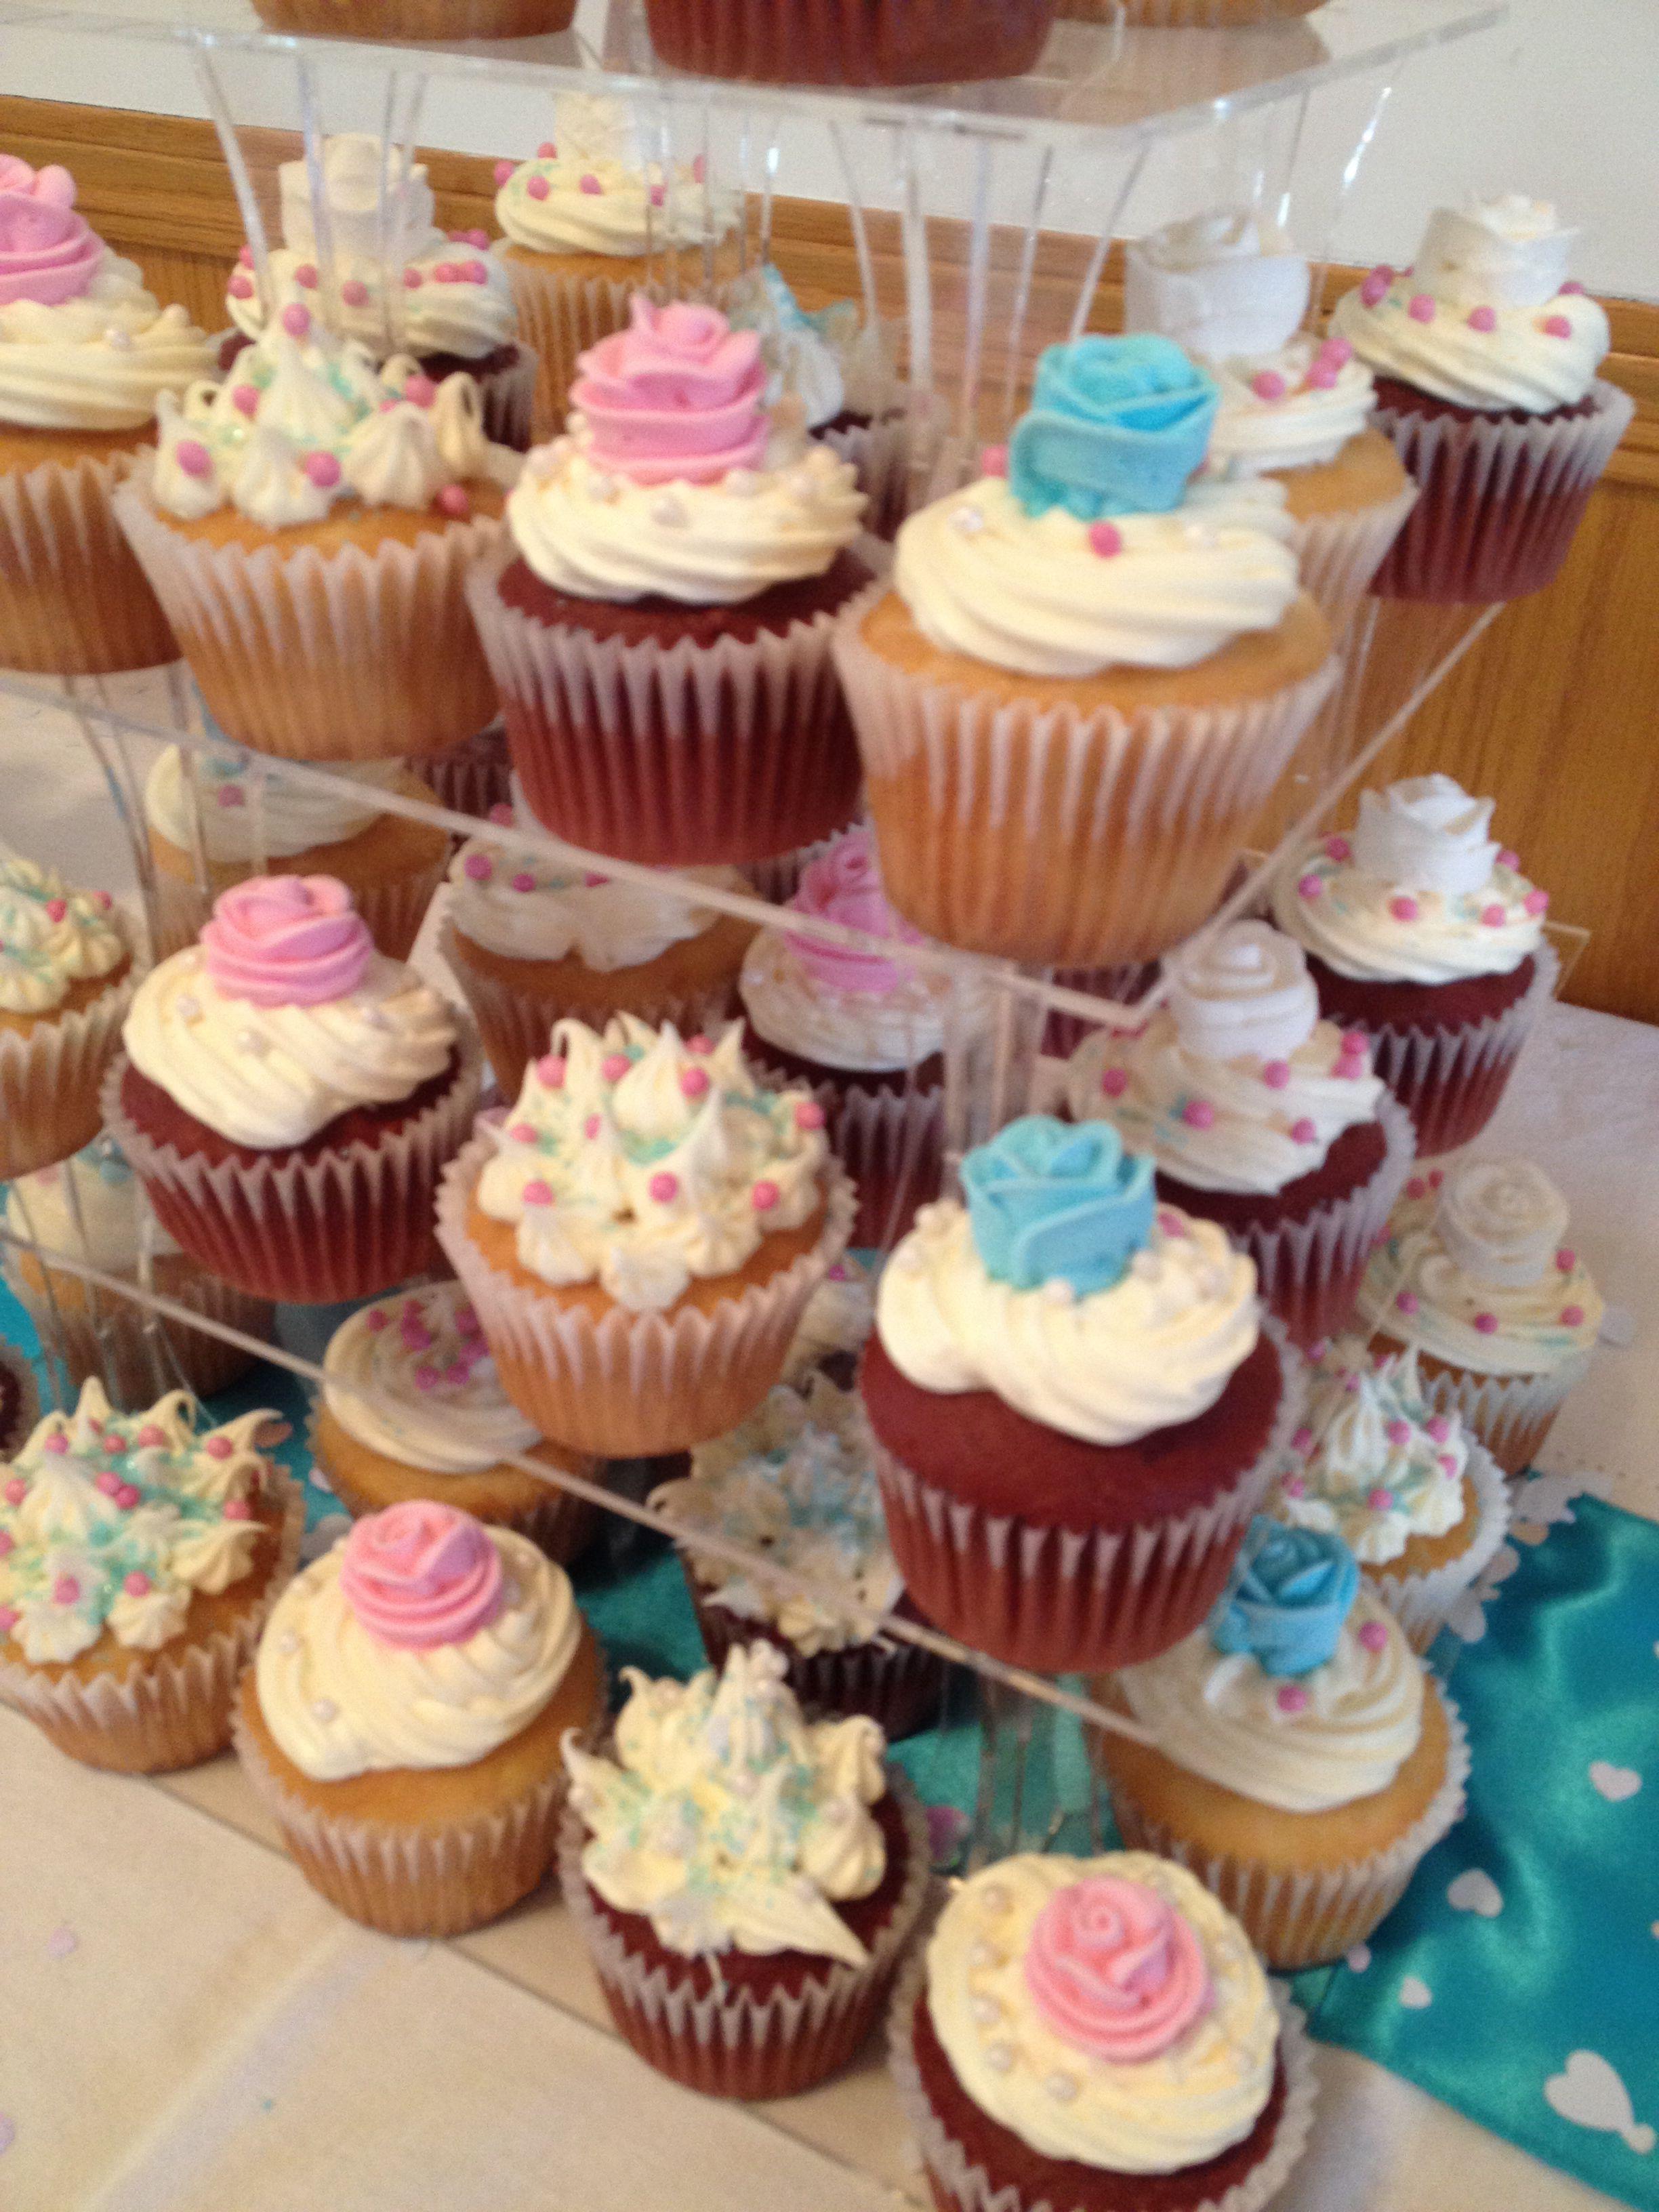 High tea cupcakes #turquoise #pink #white #hightea #cupcakes